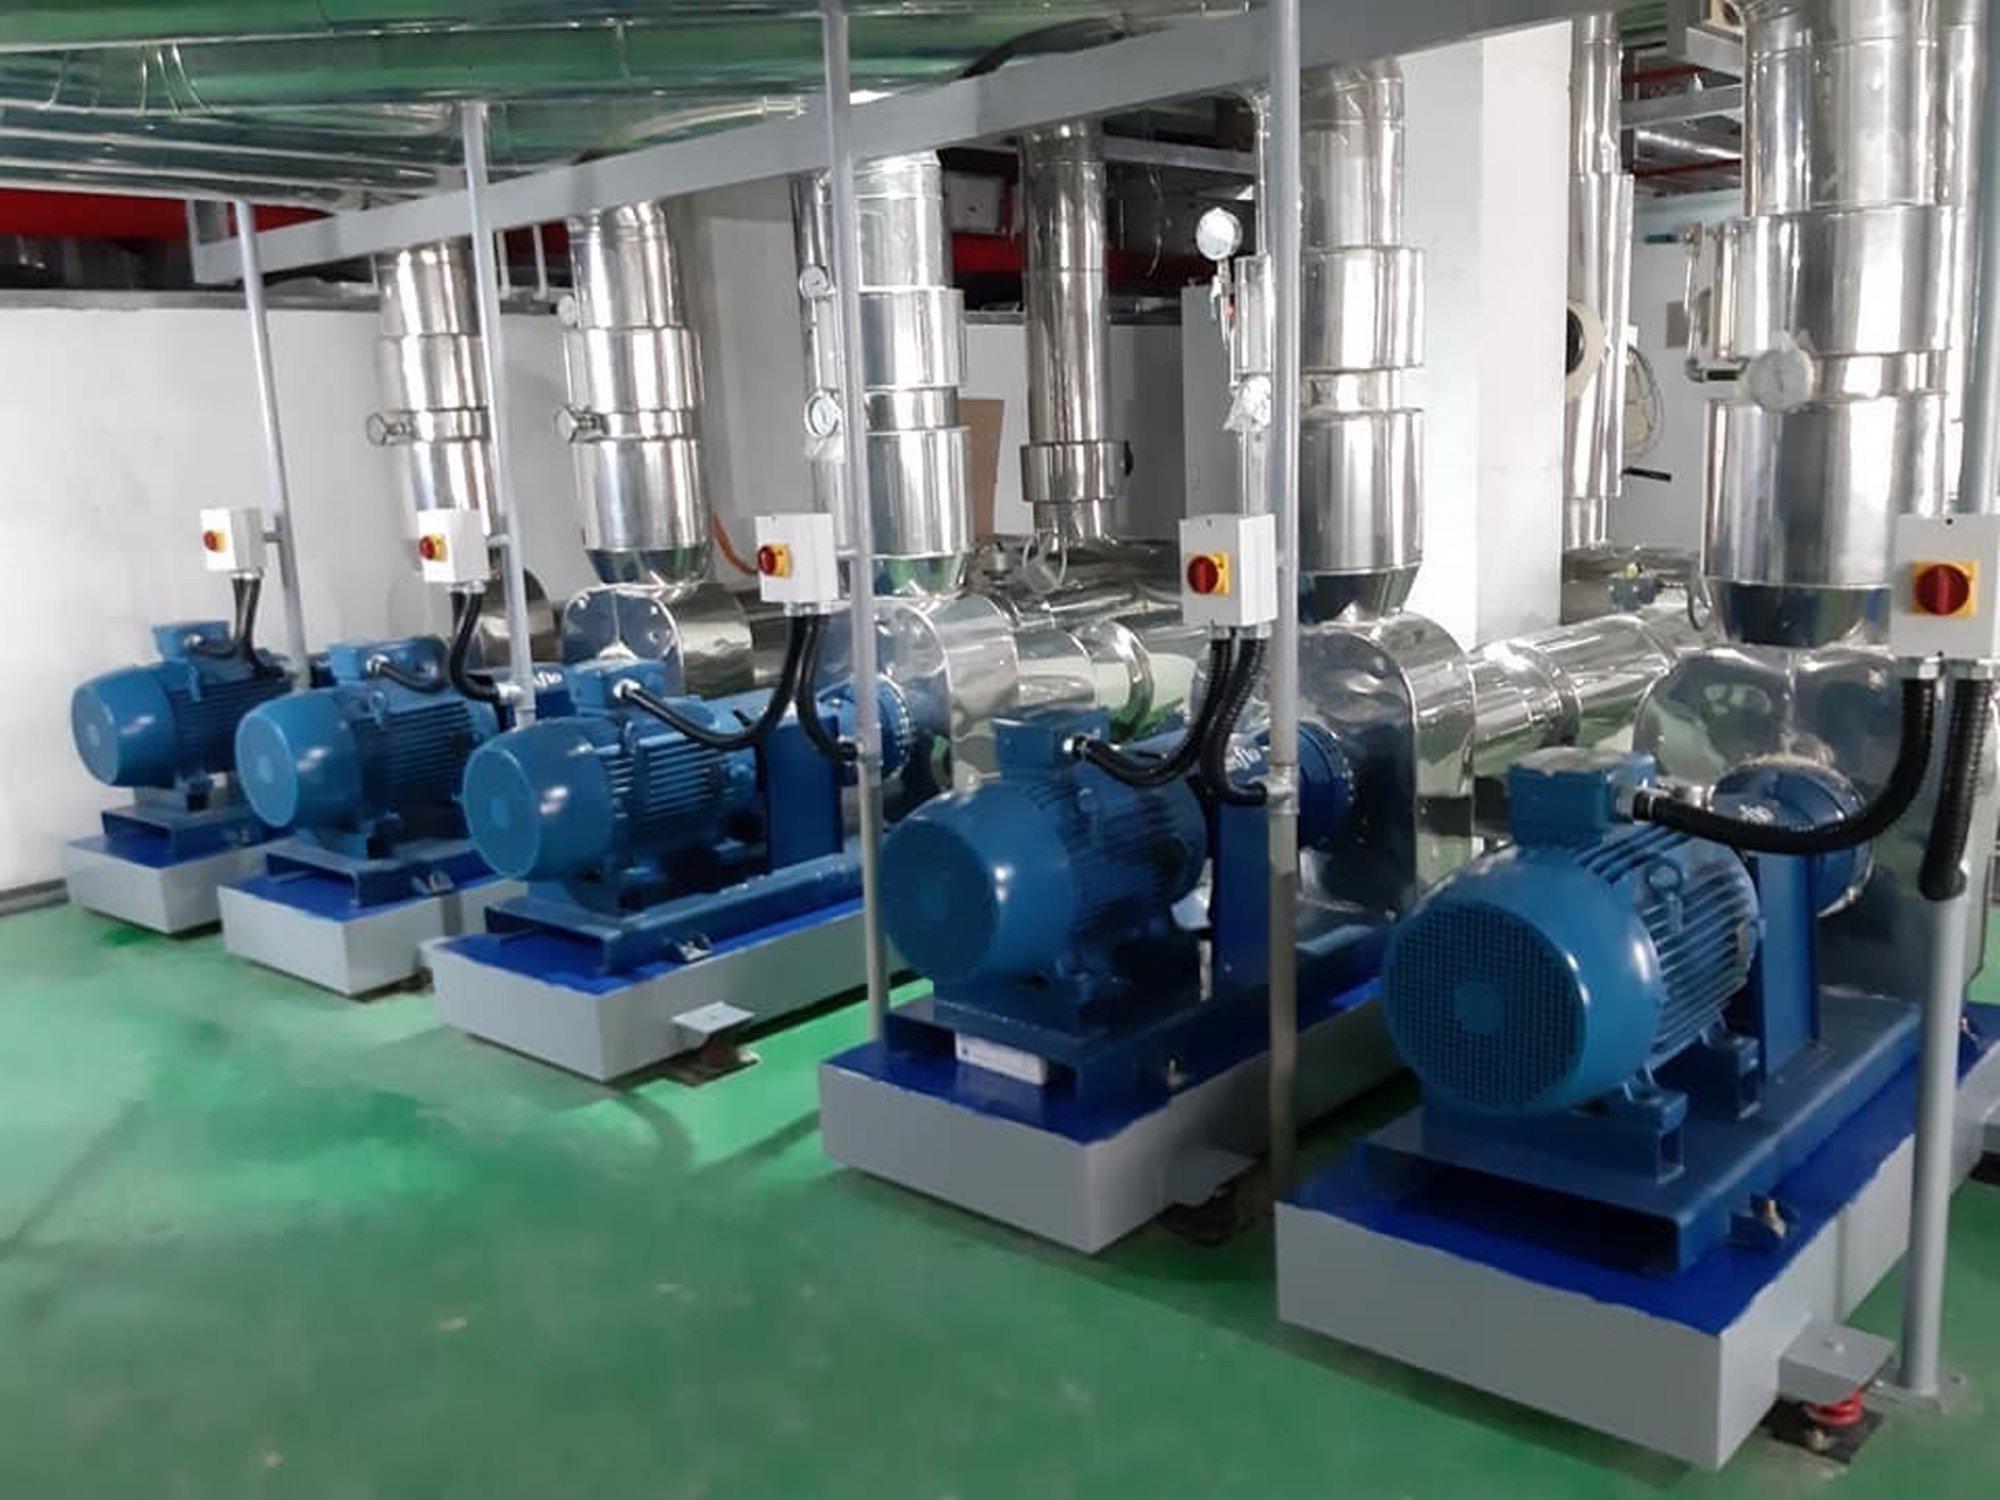 Dự án hệ thống bơm hiệu suất cao cho ngành nước